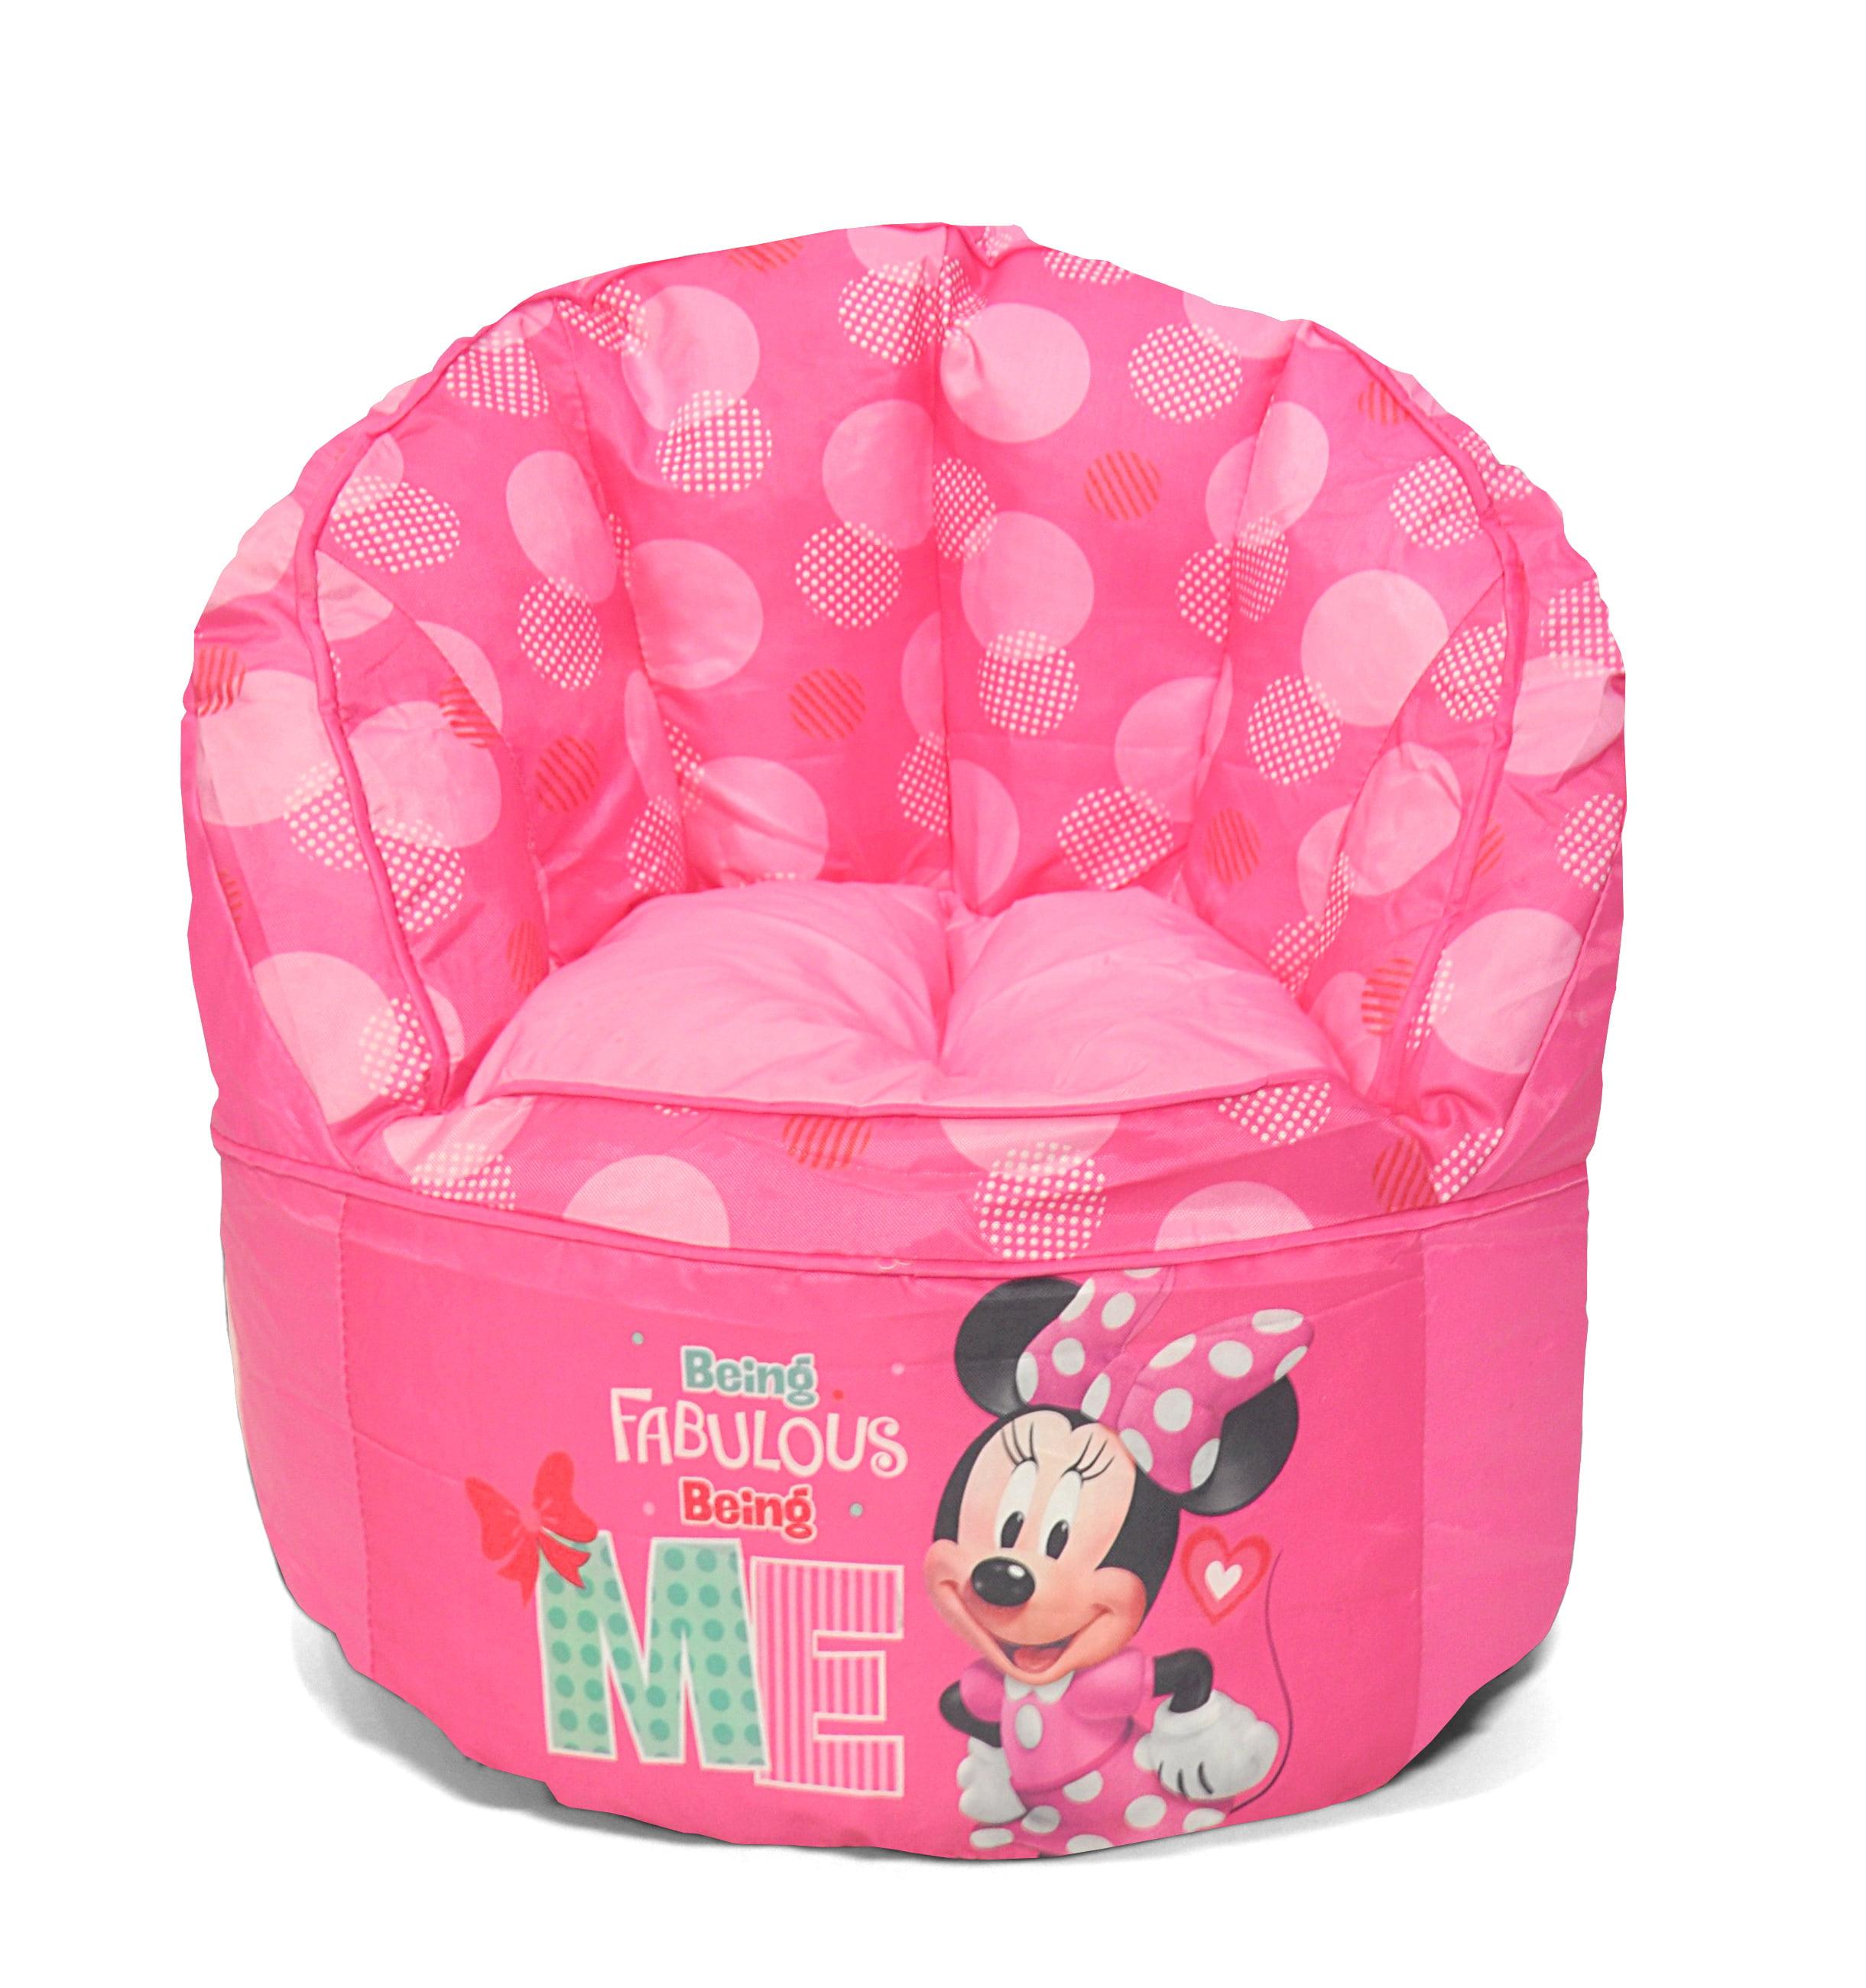 Disney Minnie Mouse Kids Bean Bag Chair 784857763621 Ebay